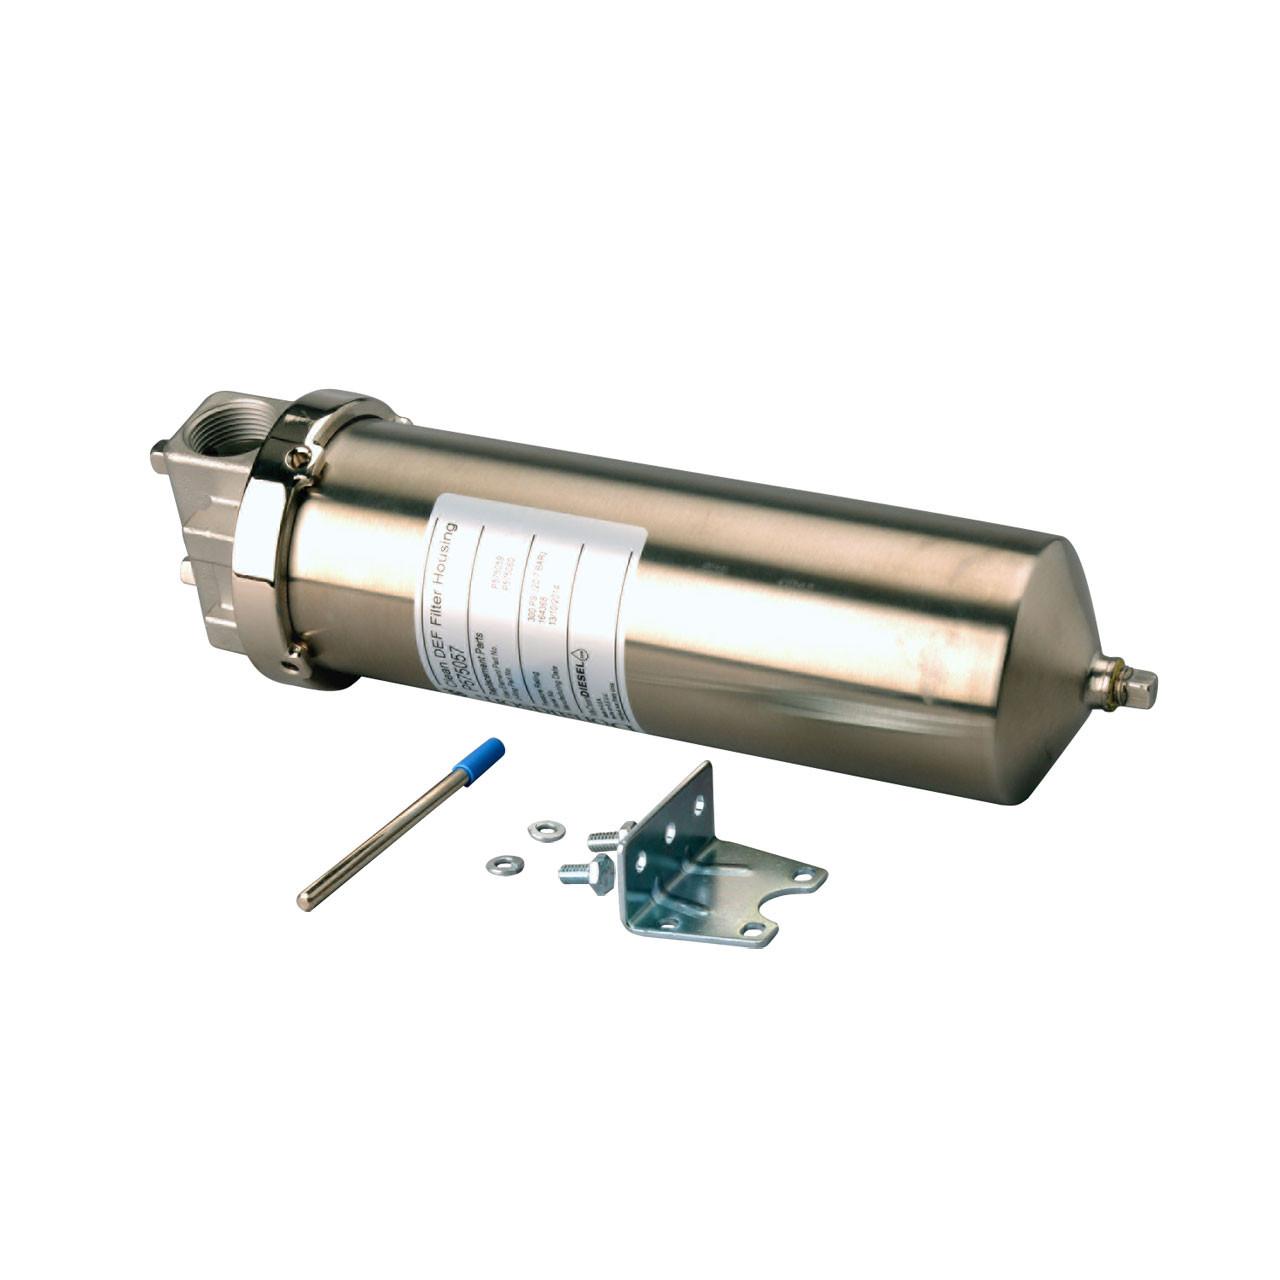 donaldson diesel exhaust fuel filter housing 1 in npt Diesel Exhaust Filter